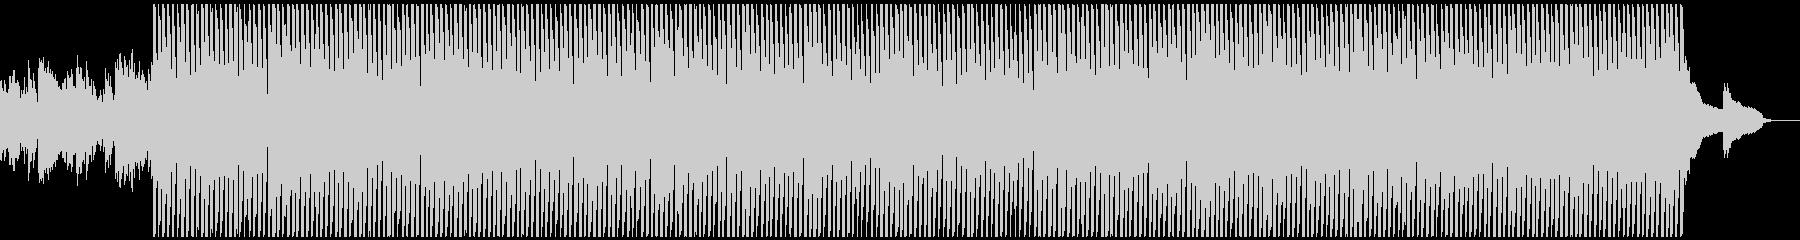 明るい前向きなイメージの曲の未再生の波形